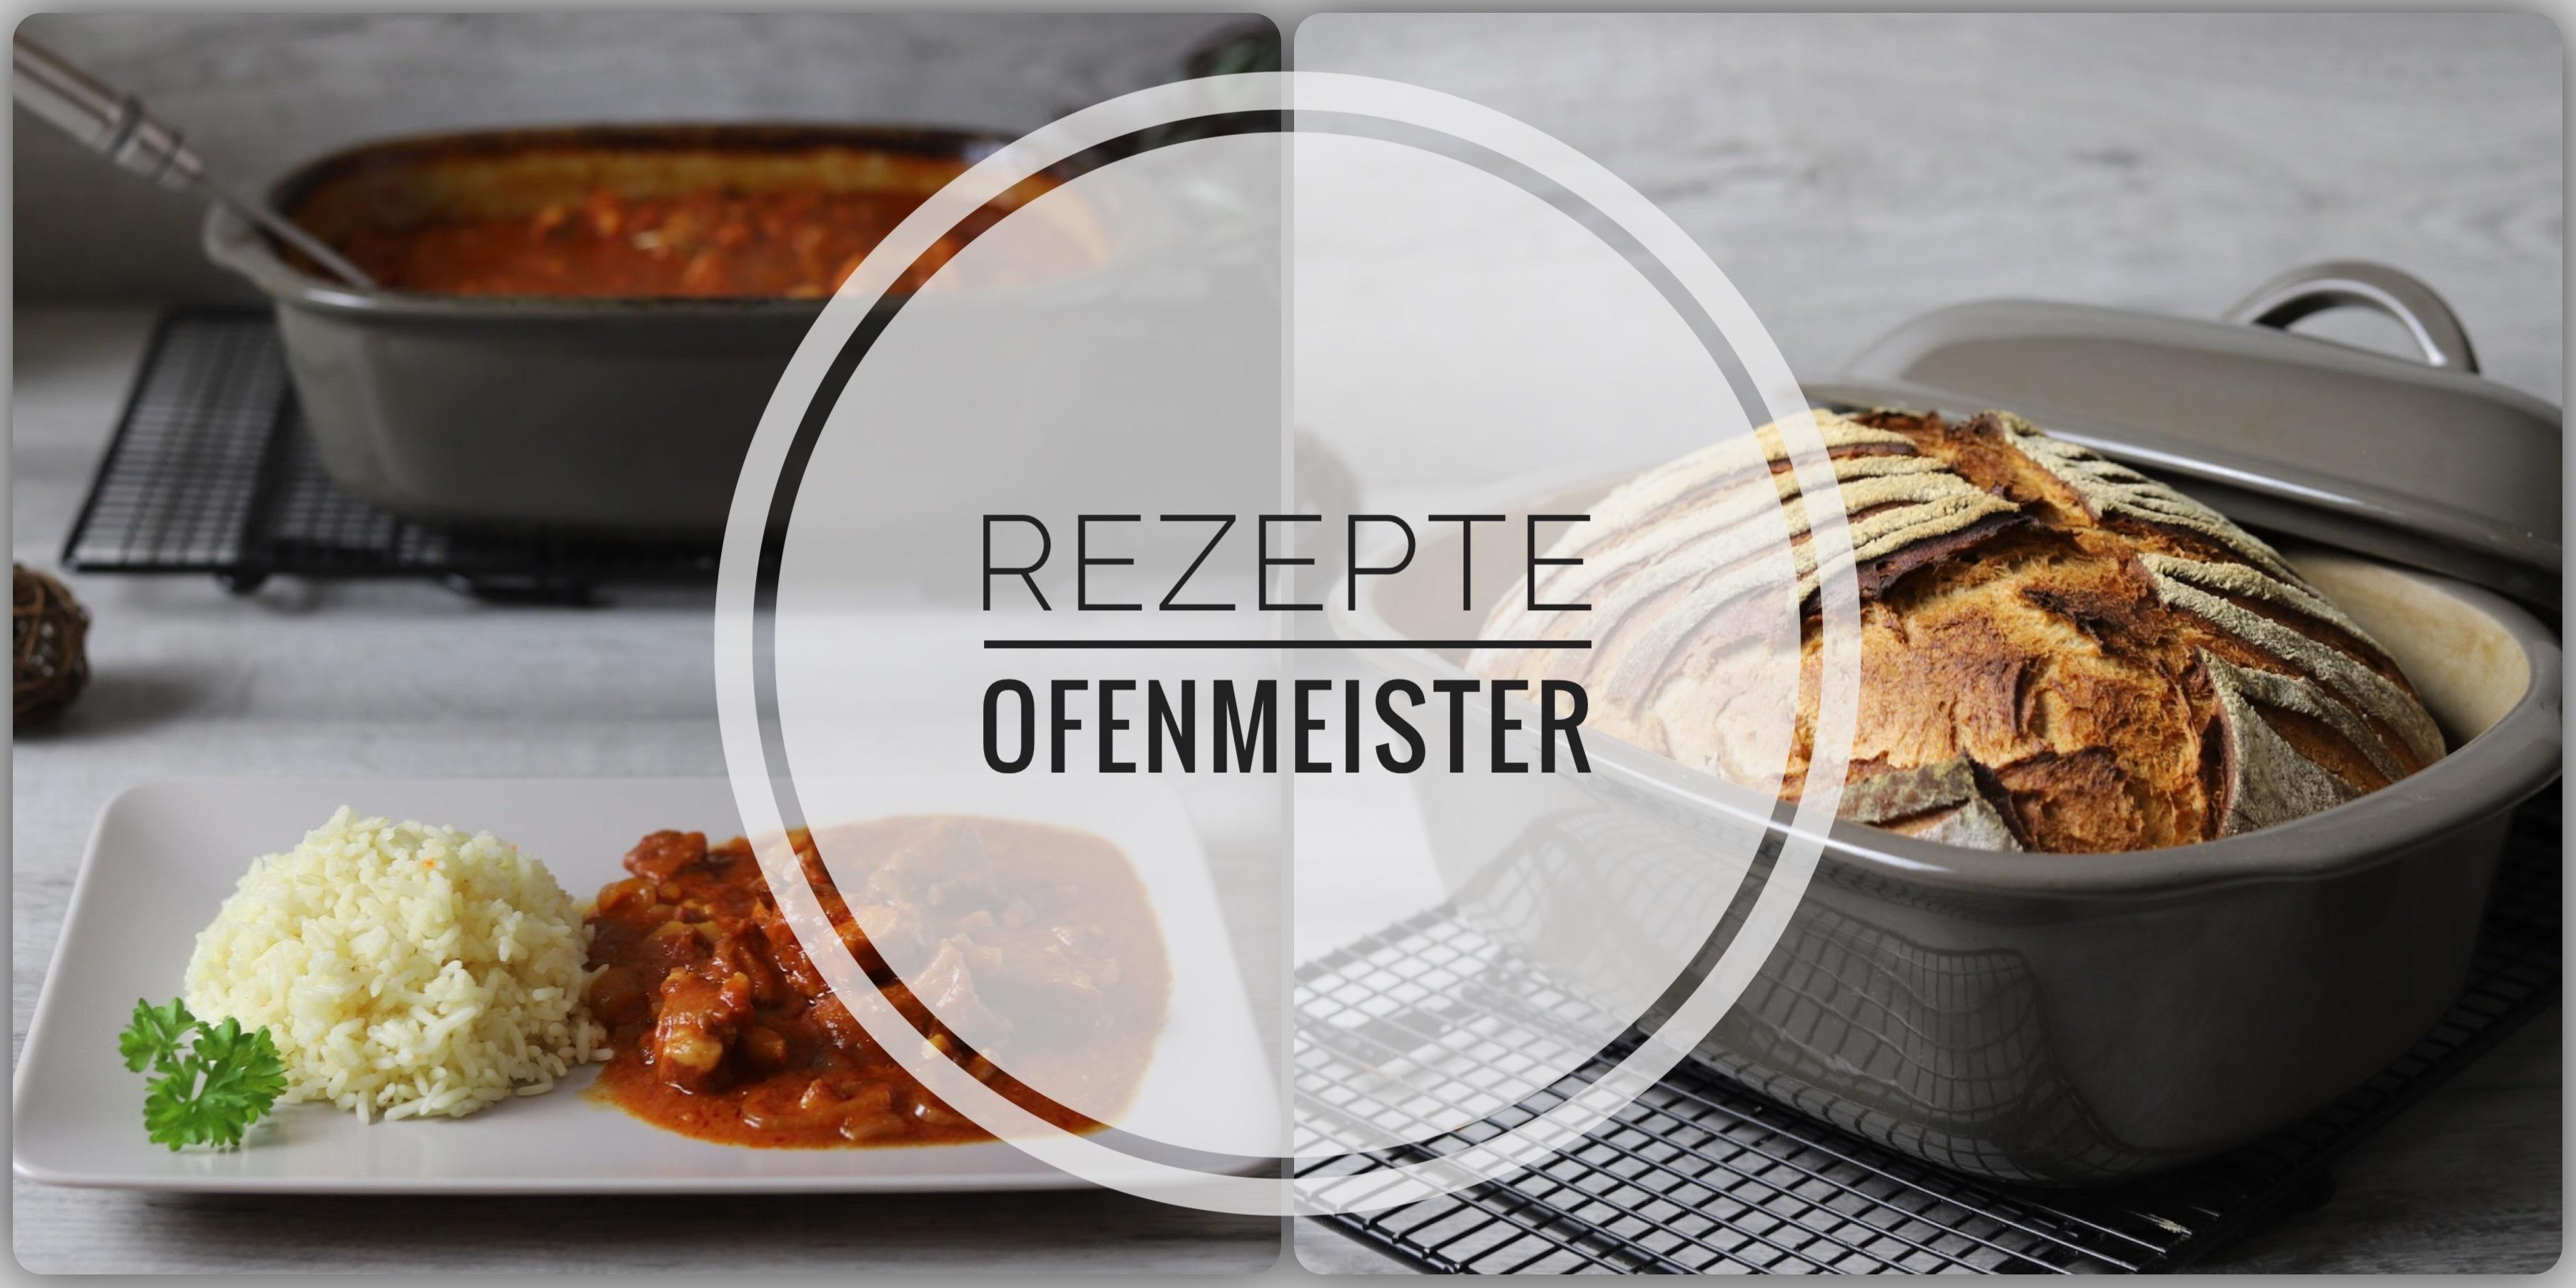 Rezepte für den Ofenmeister oder Zaubermeister von Pampered Chef mit Onlineshop